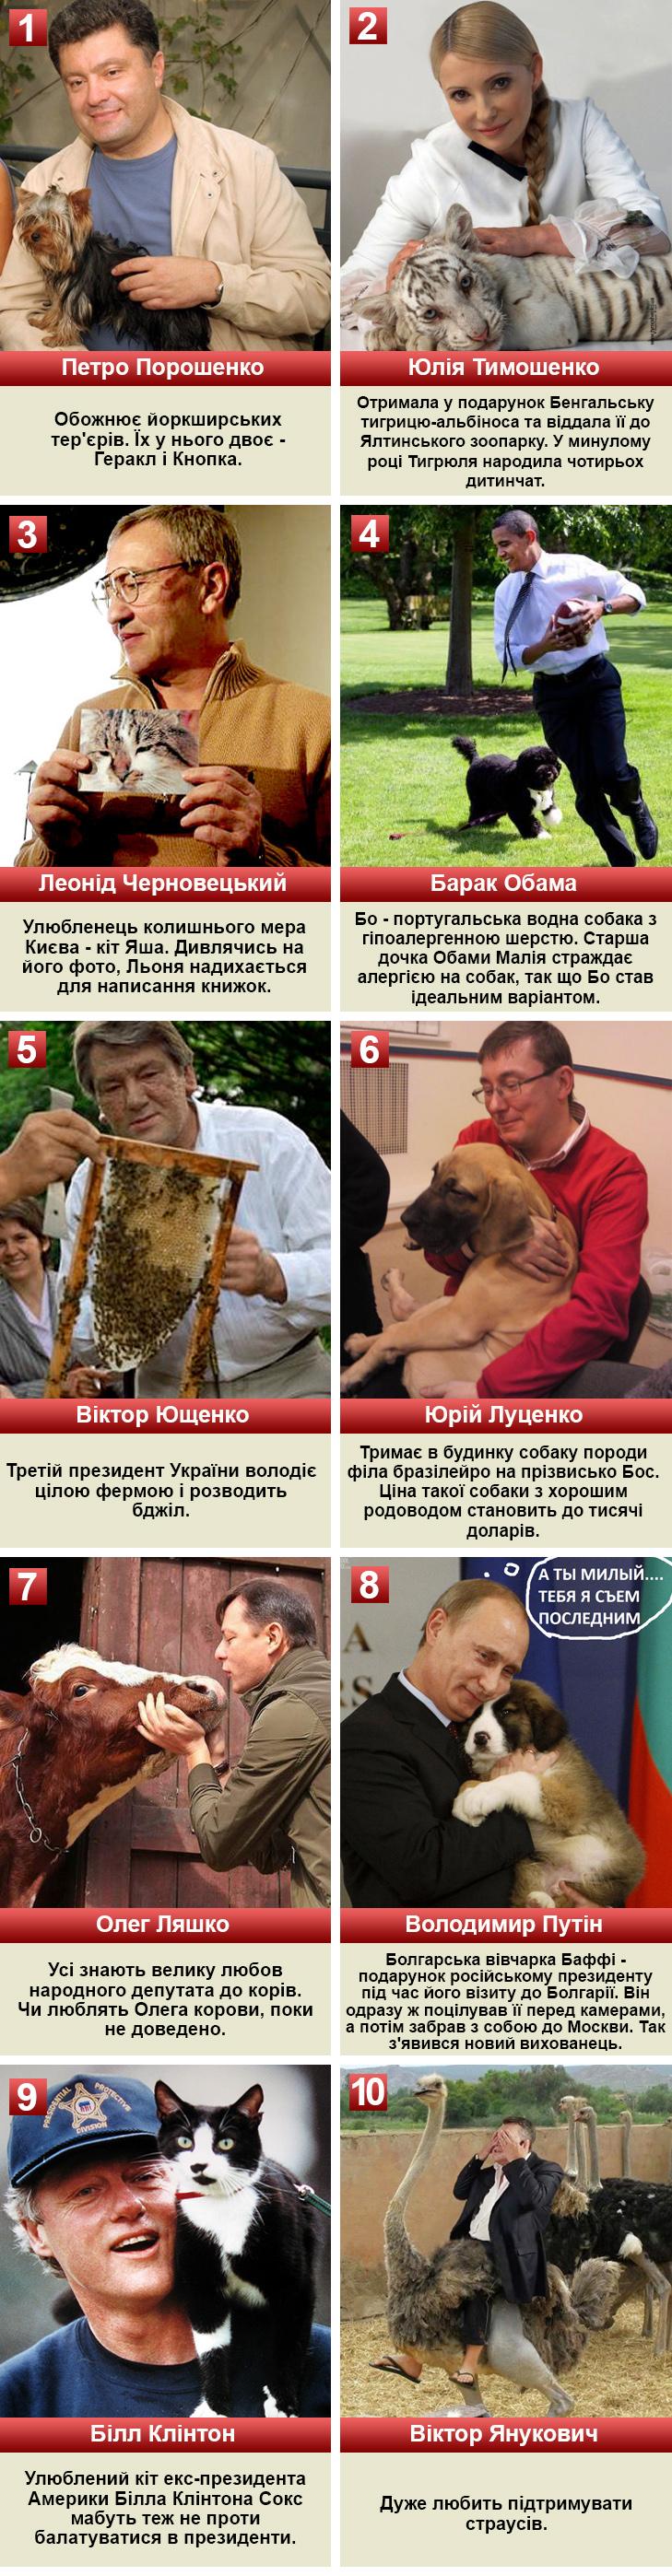 Політики та тварини: вгадай де чий улюбленець - фото 11